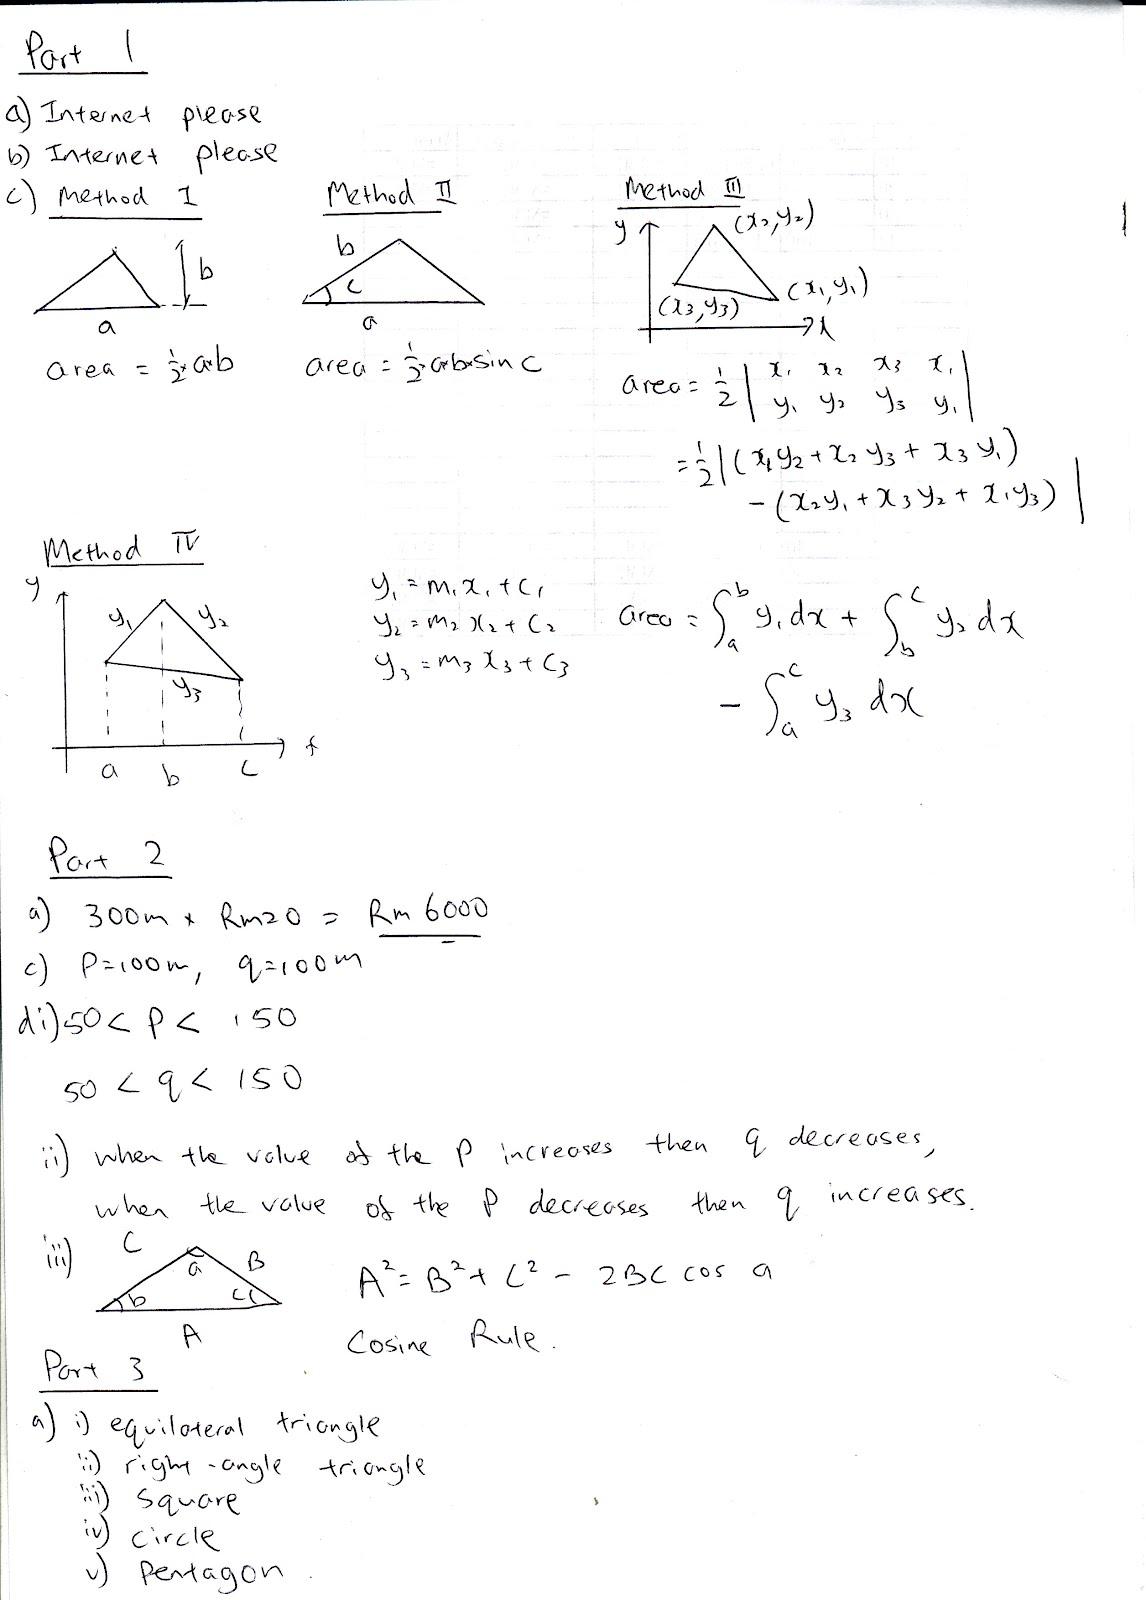 Skywalker: Add Math Project 2012 Question 1